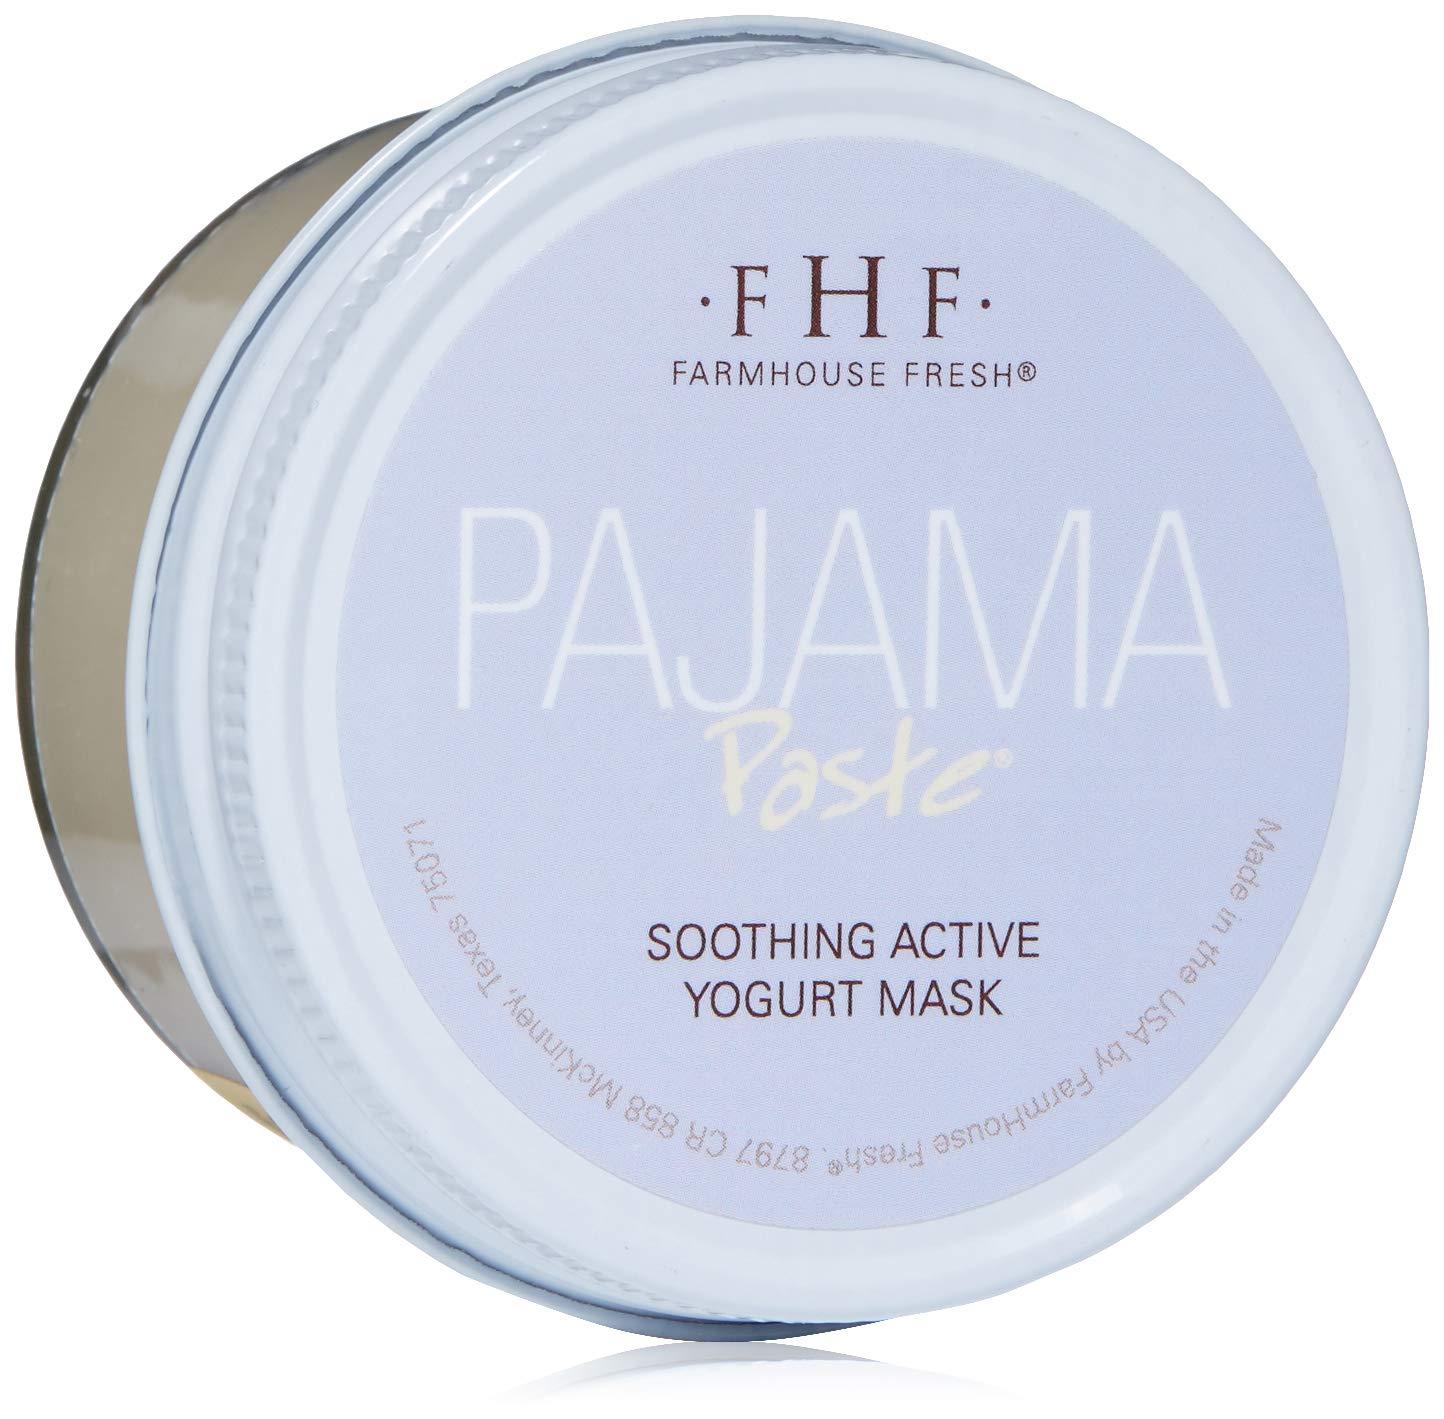 FarmHouse Fresh Pajama Paste Soothing Active Yogurt Mask, 3.2 Fl Oz